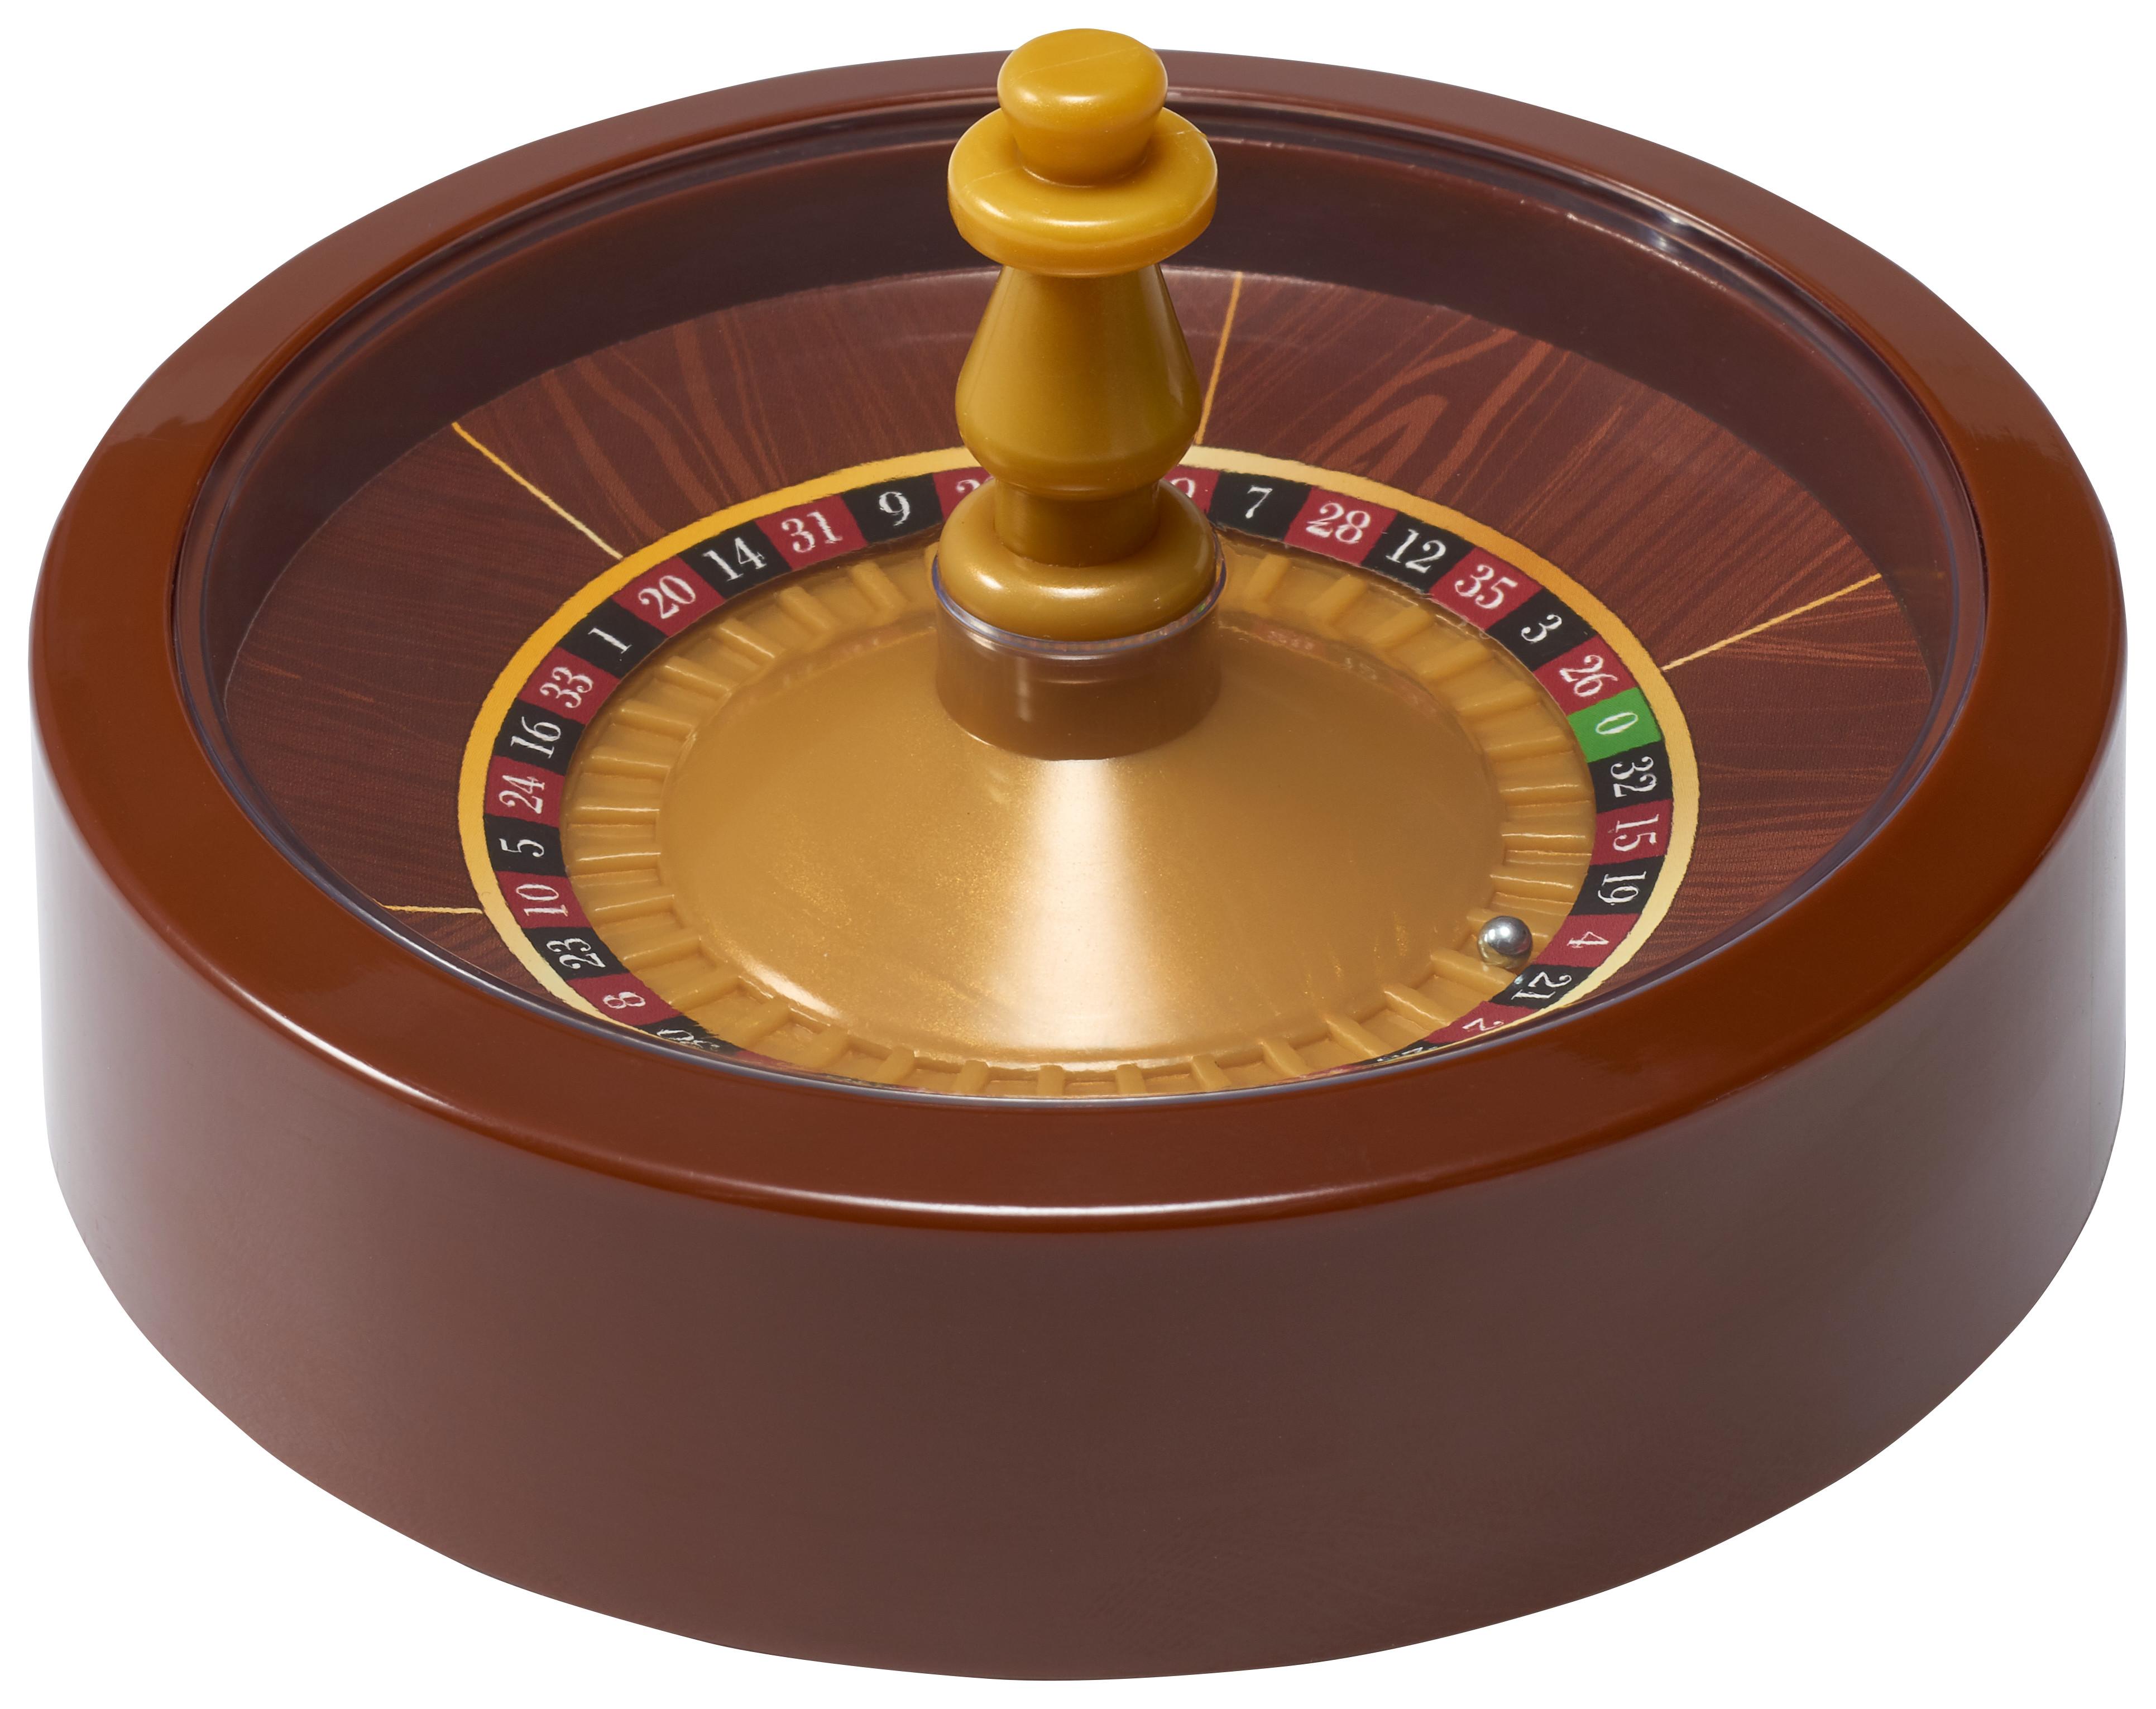 Stargames Rapid Roulette